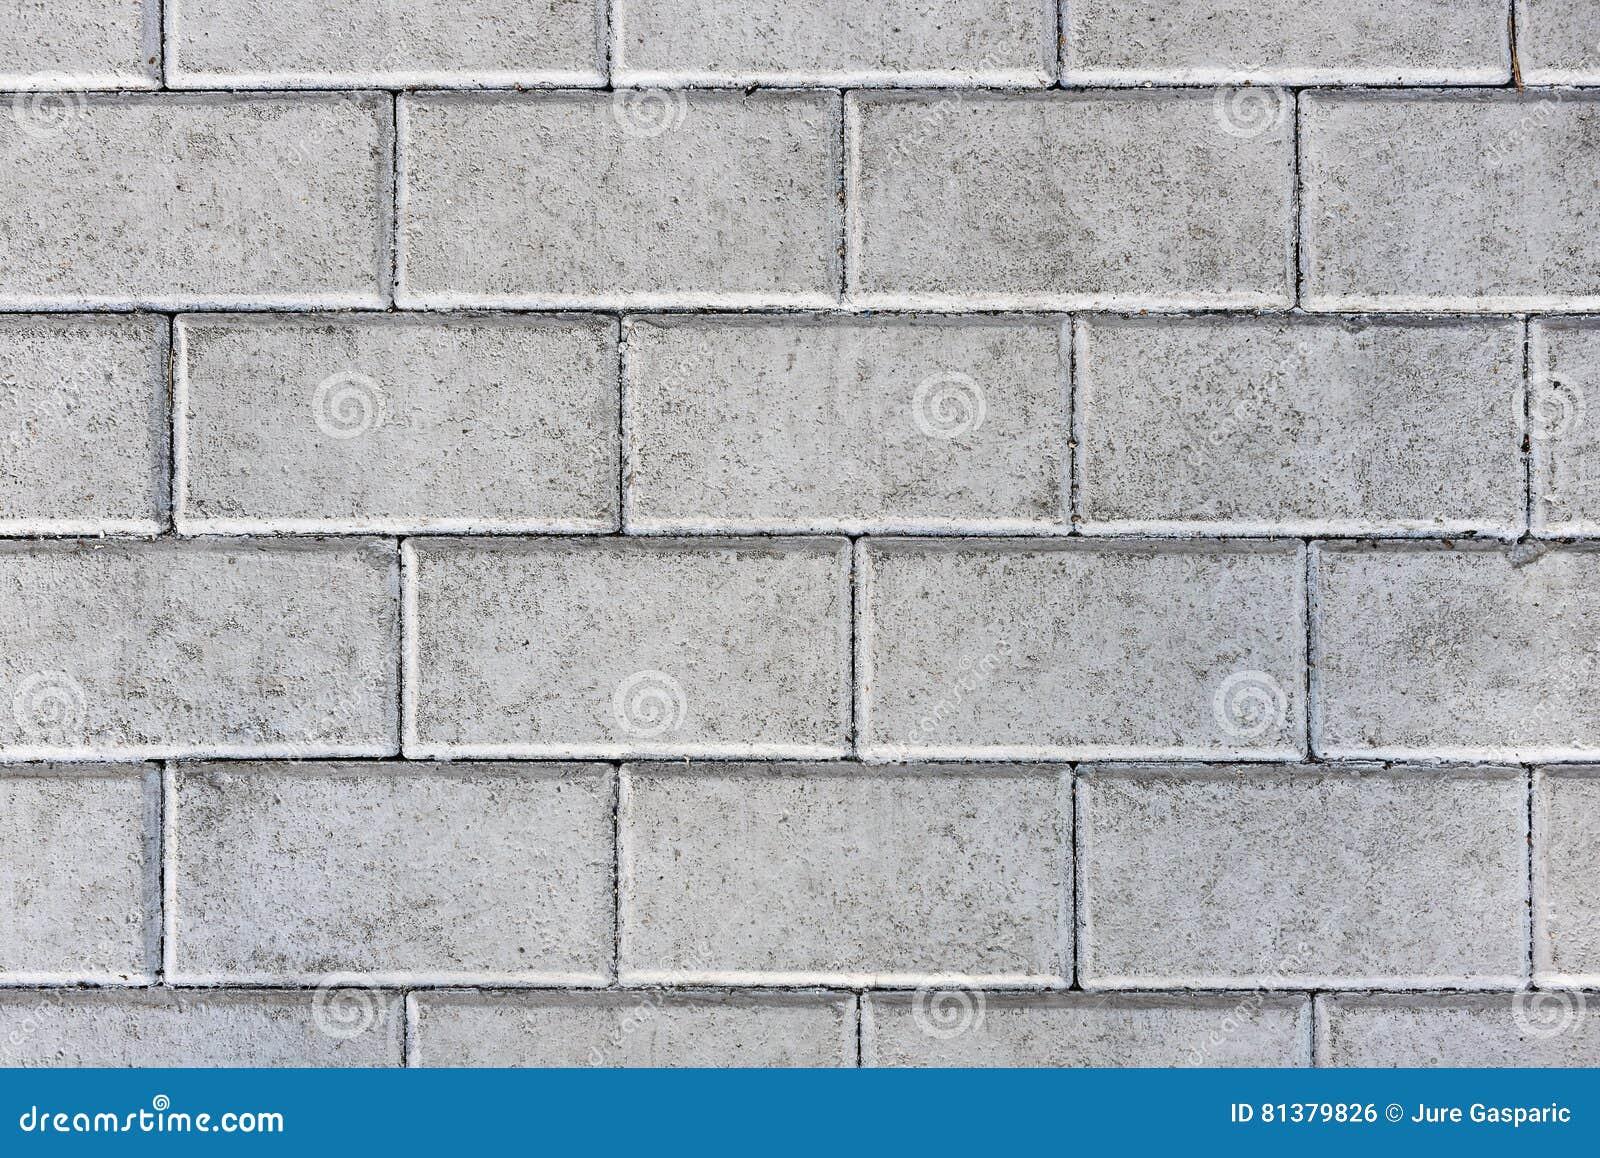 dalles ou pierres grises de trottoir de b ton ou de pav photo stock image 81379826. Black Bedroom Furniture Sets. Home Design Ideas